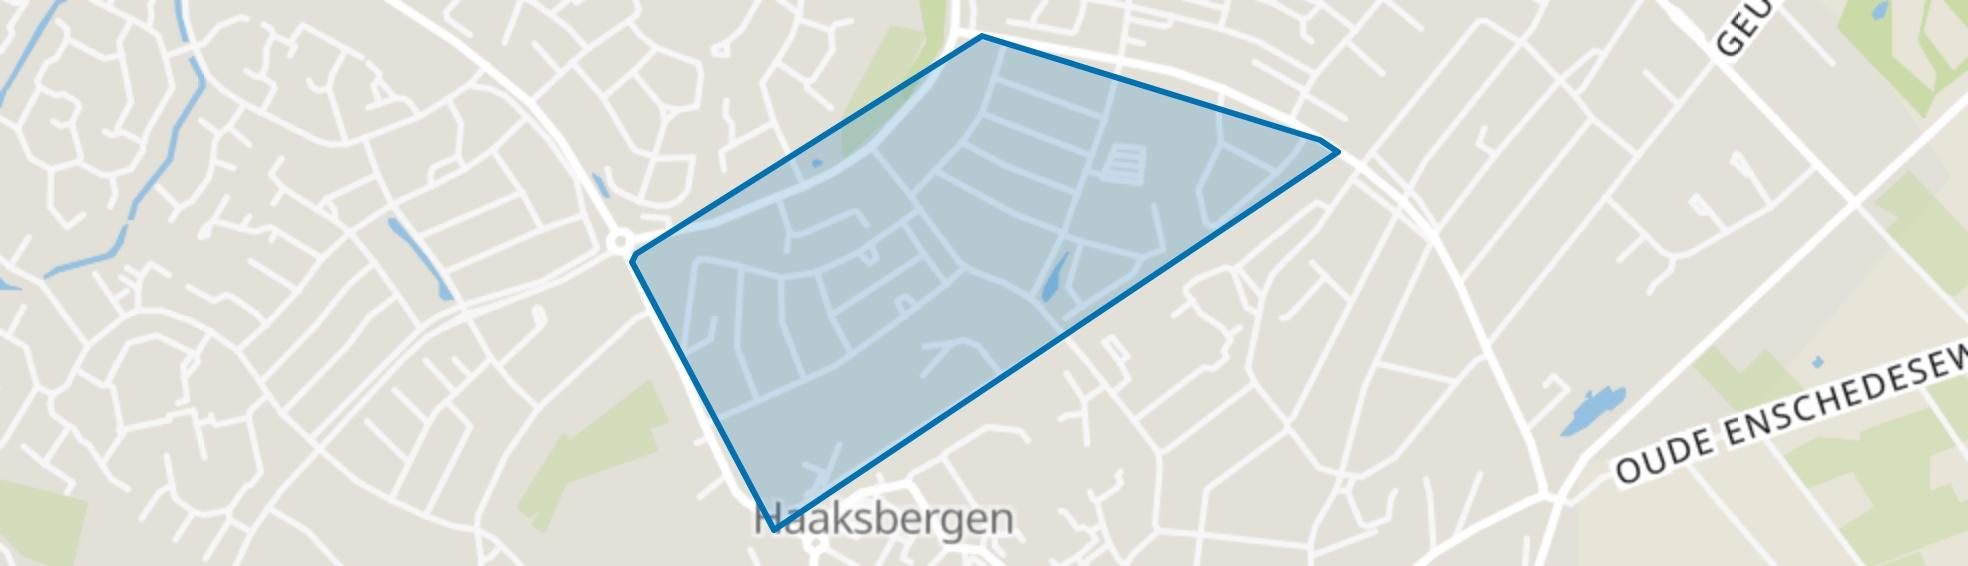 De Pas, Haaksbergen map